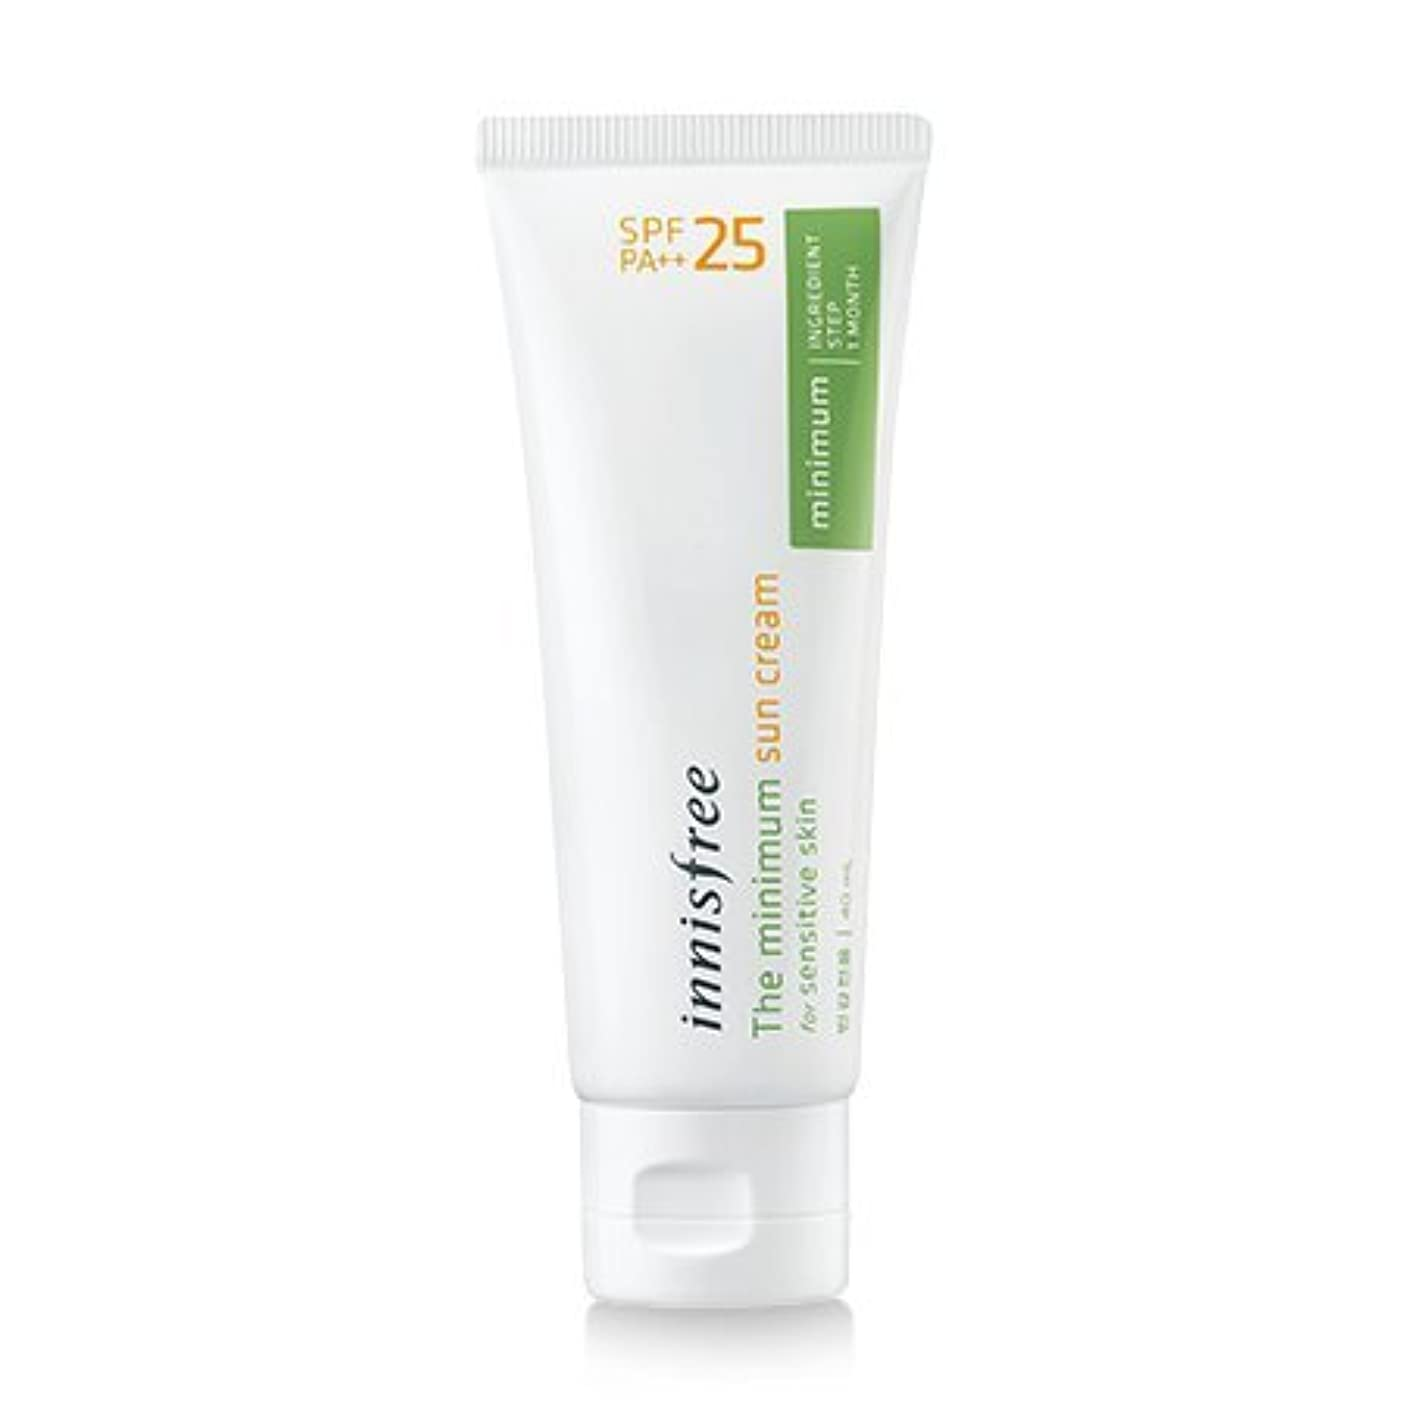 関与する樹皮適度に[innisfree(イニスフリー)] The minimum sun cream SPF25 PA++ 40ml ザ·ミニマム サンクリーム SPF25PA++[並行輸入品][海外直送品]